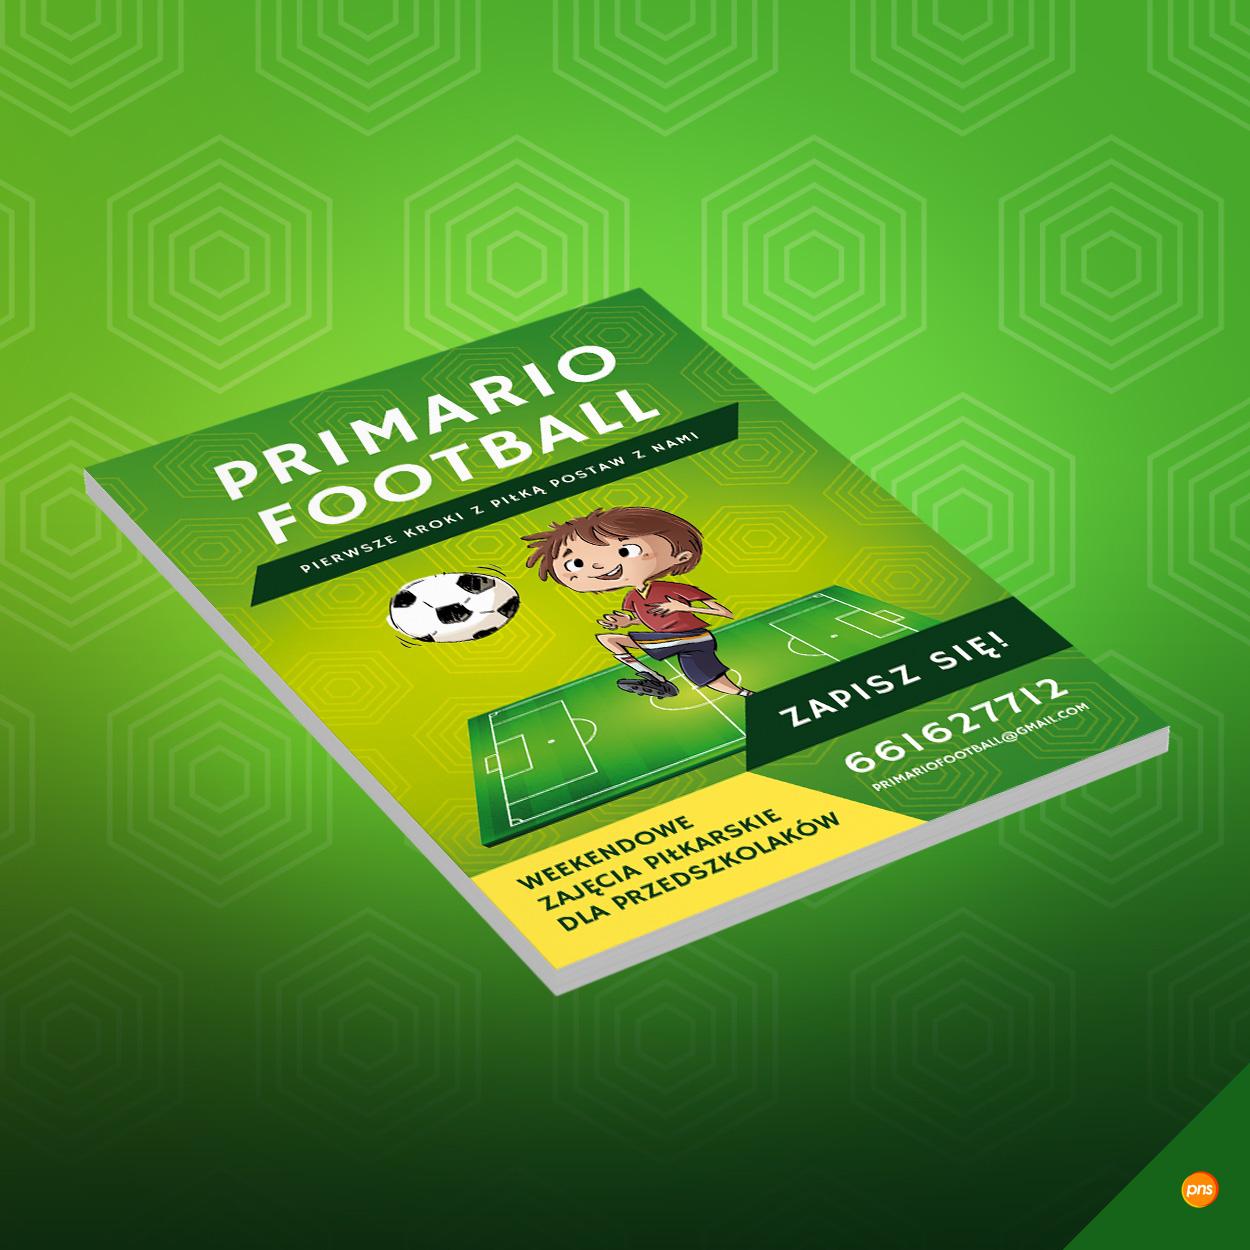 ulotka-zajecia-pilkarskie-dla-dzieci-primaro-football